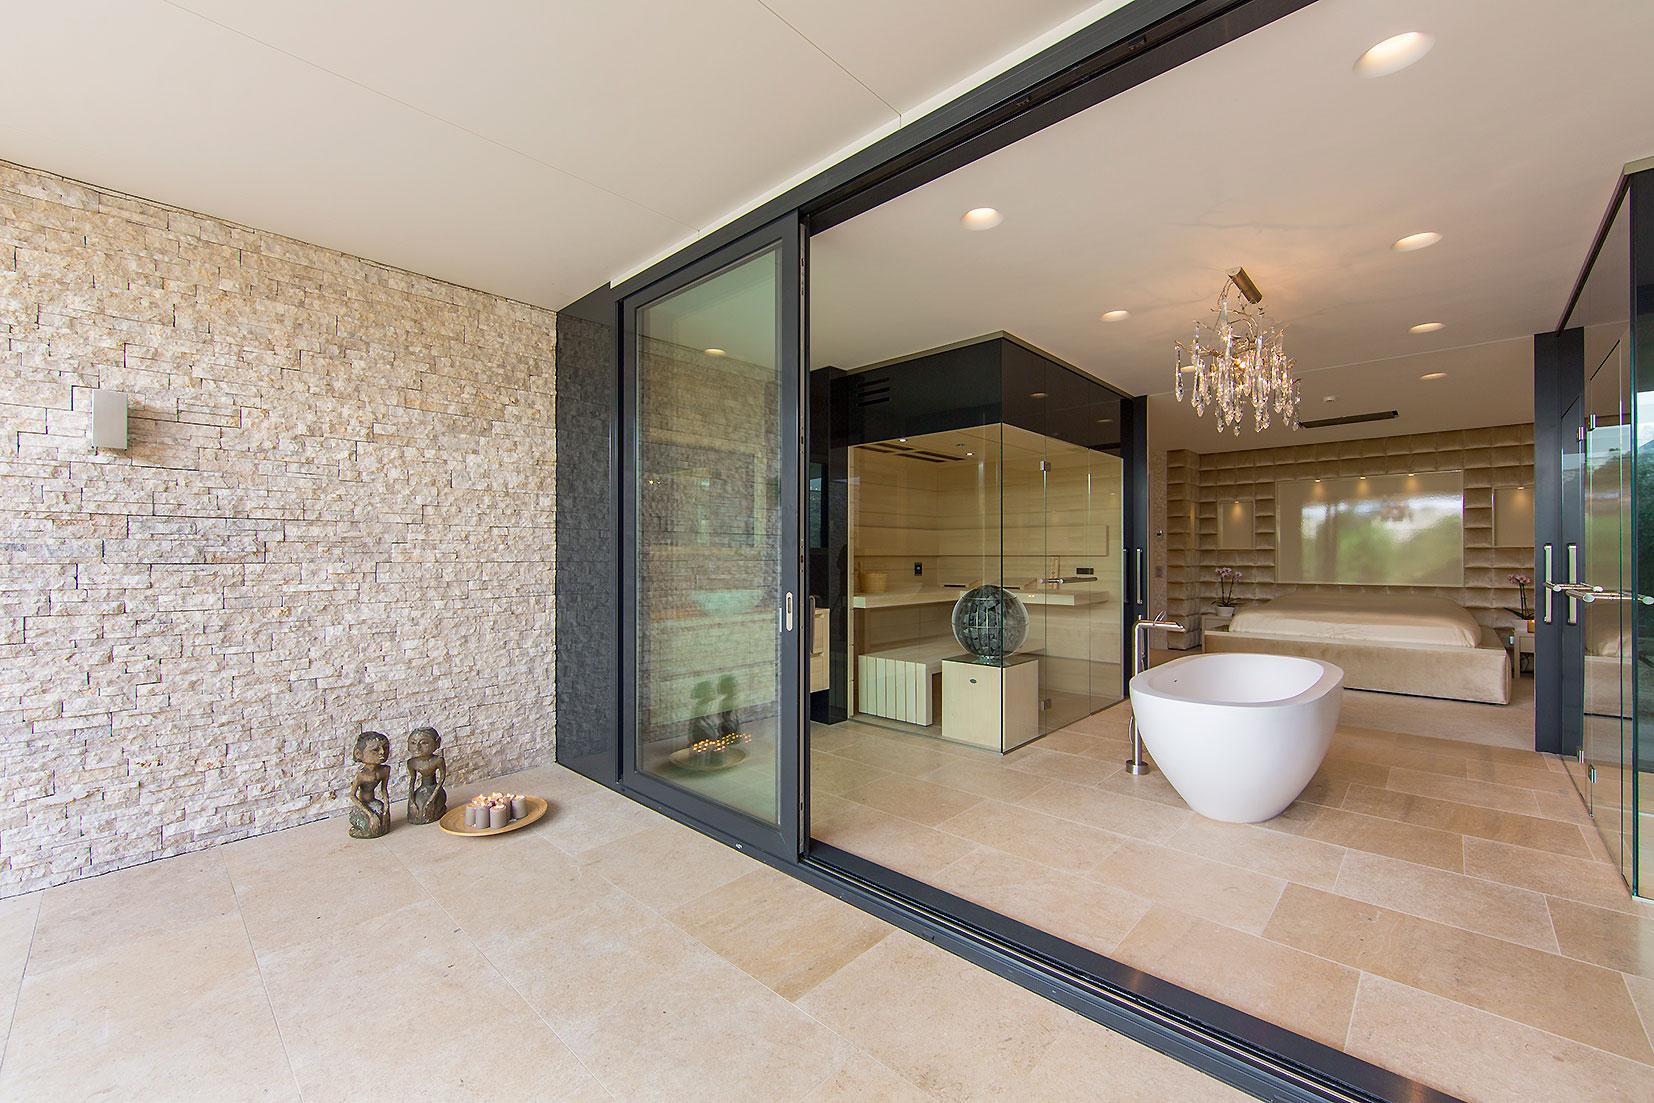 tuin-wellness-bagkamer-slaapkamer-ontwerp - VERSTEEGH DESIGN ...